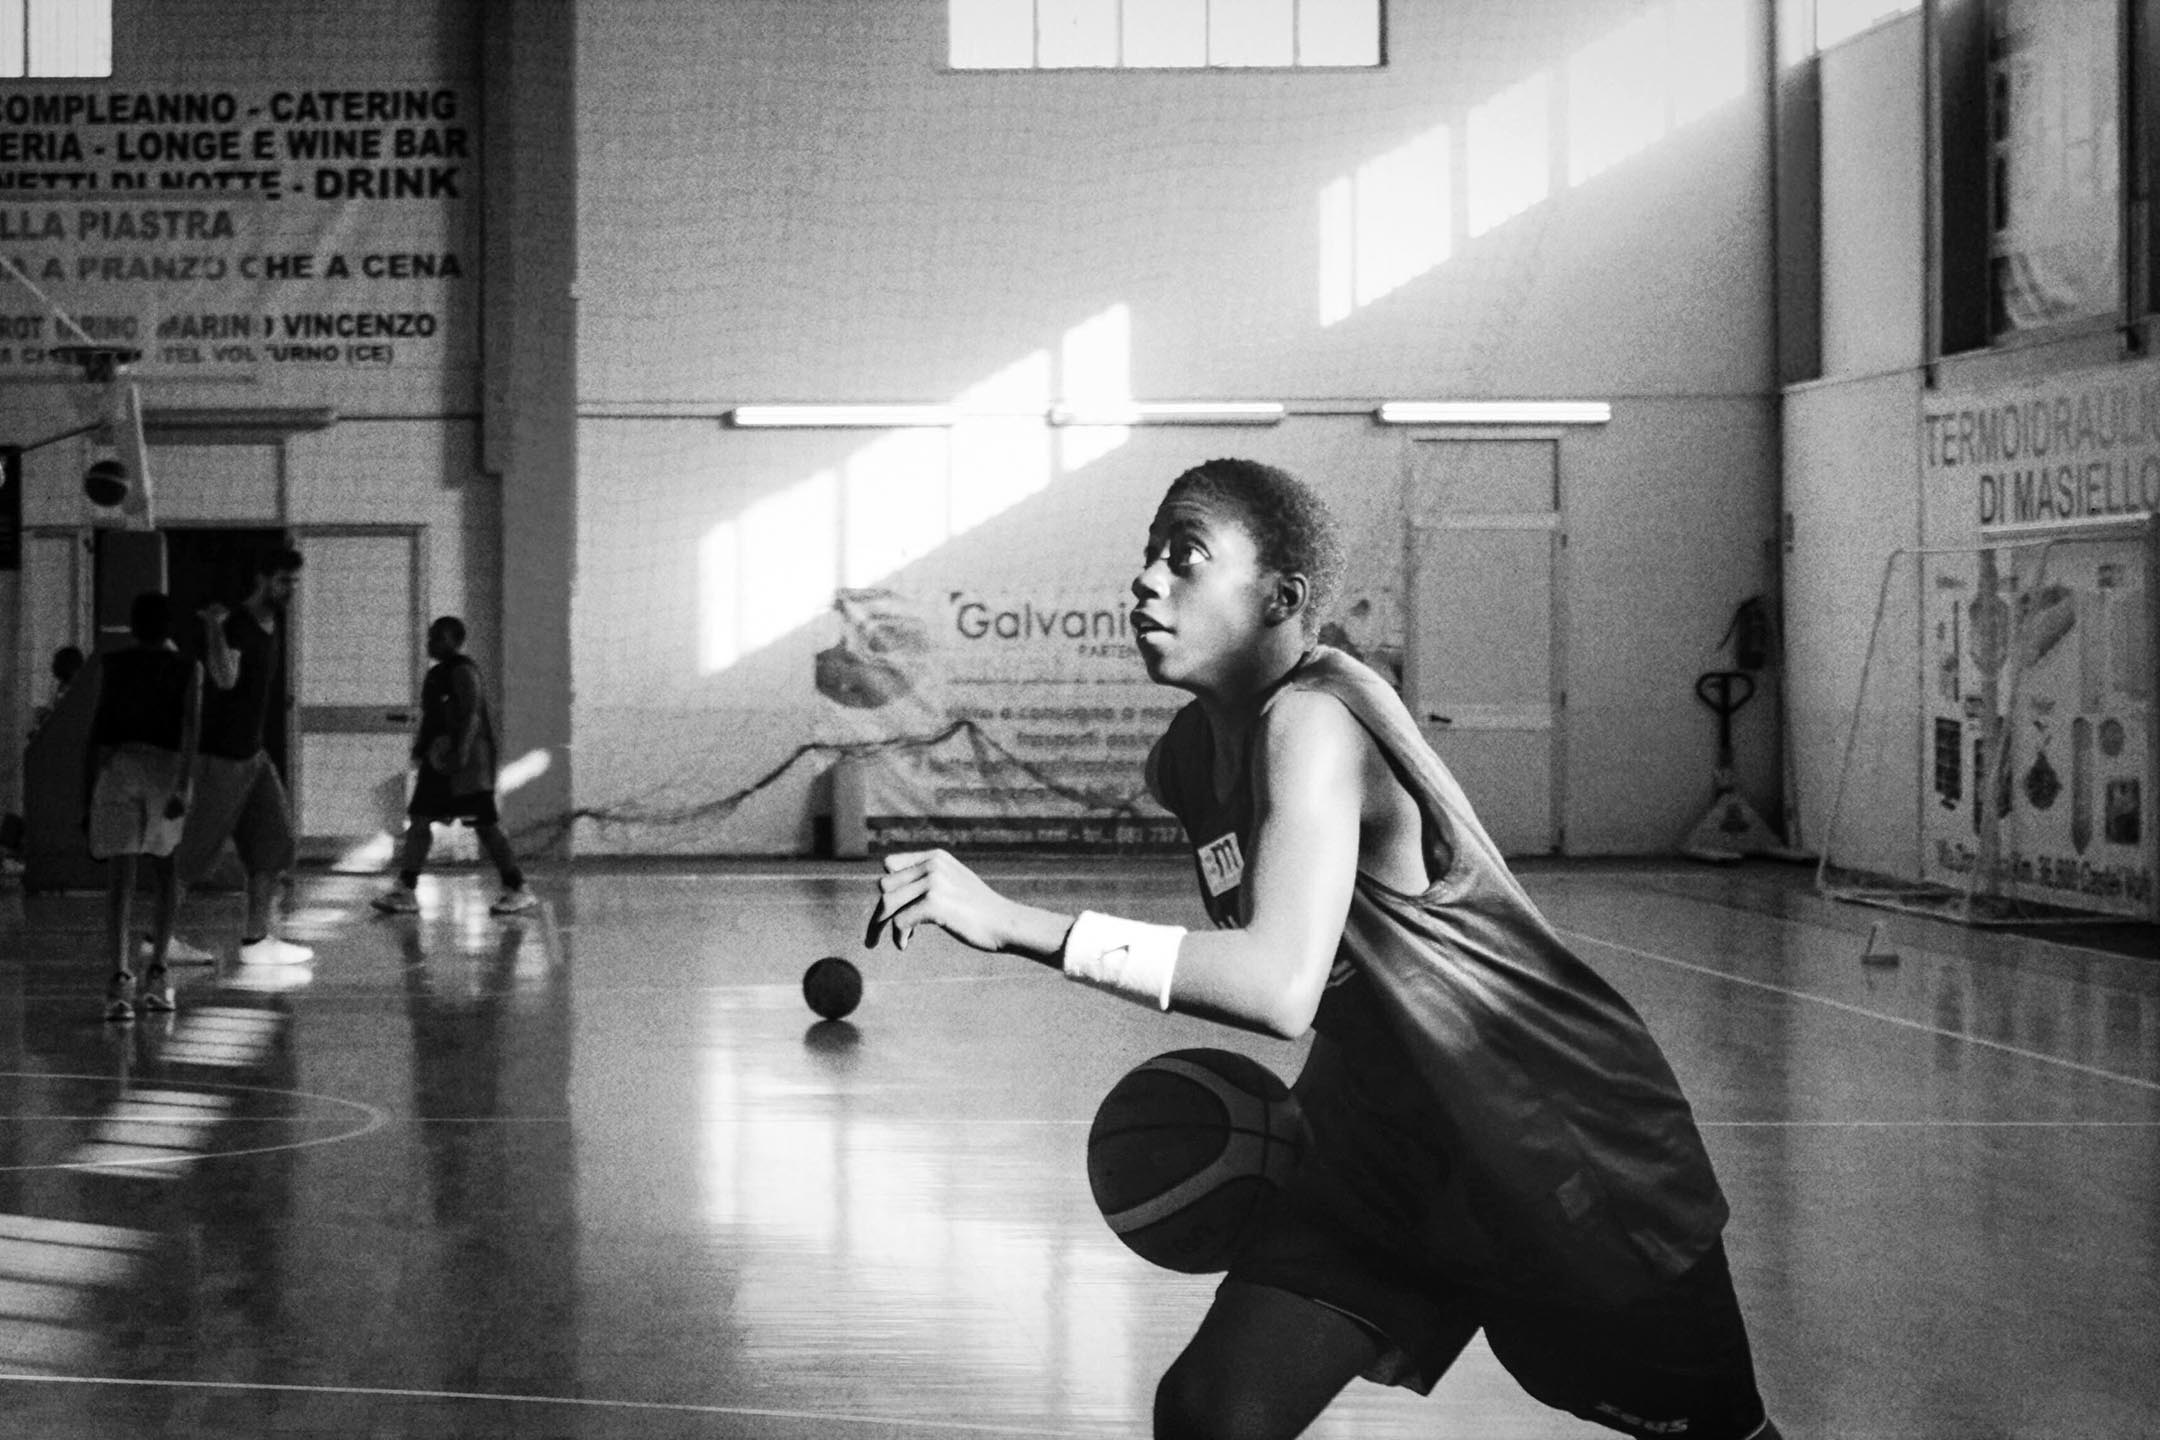 因為球員們的「無證出身」,即便所有球員都在意大利土生土長,彈彈隊一度無法獲得參加正規賽事的權利——意大利籃球聯盟明文規定,一支參賽隊伍中的「外來人」不能超過兩個。 圖:作者提供